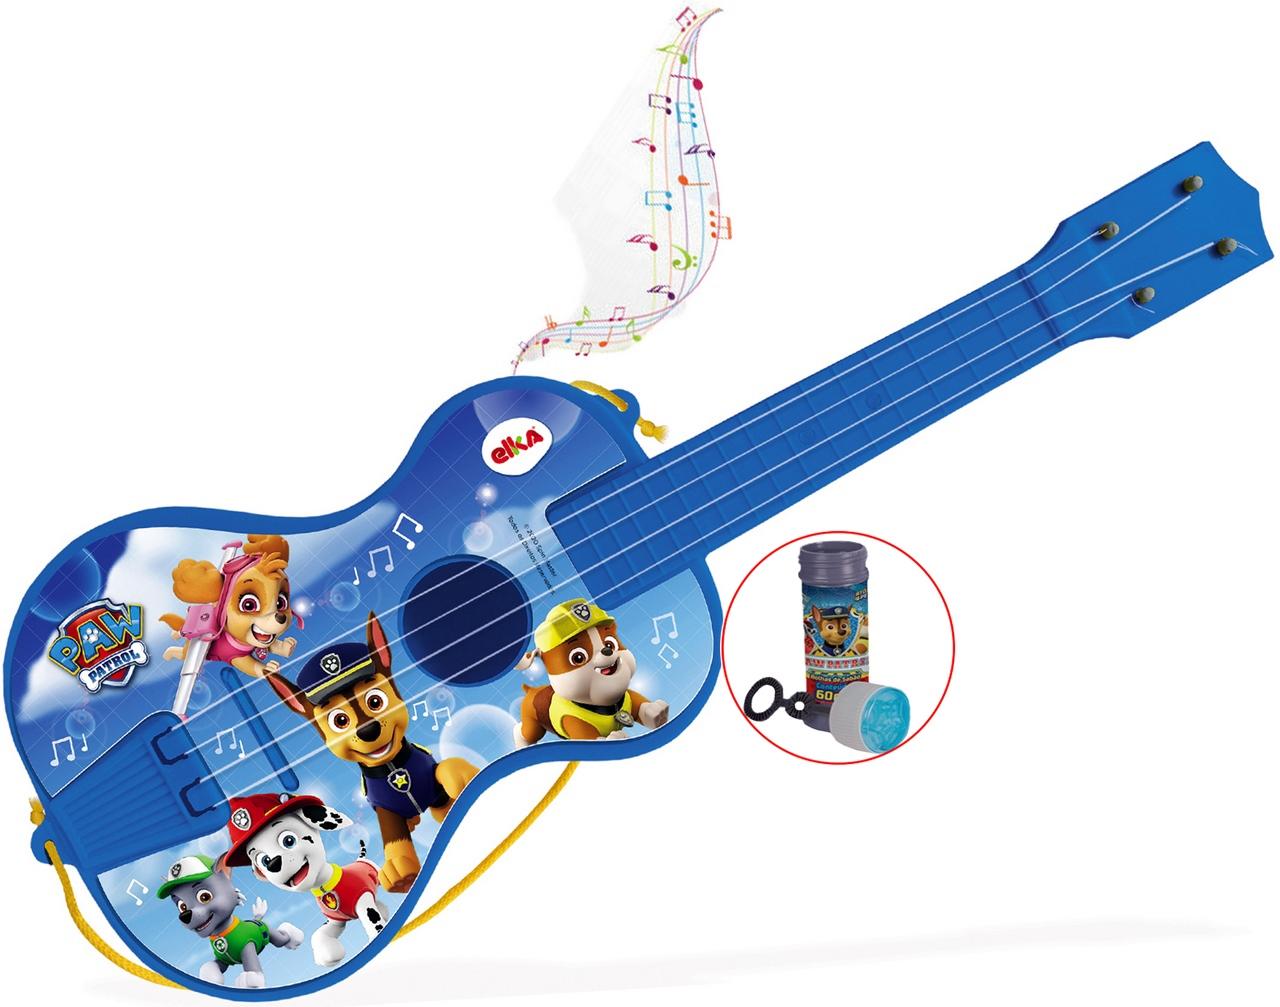 Violão Com Cordas Patrulha Canina Bolhas De Sabão Menino Instrumento Musical Infantil Brinquedo Educativo Criança Elka